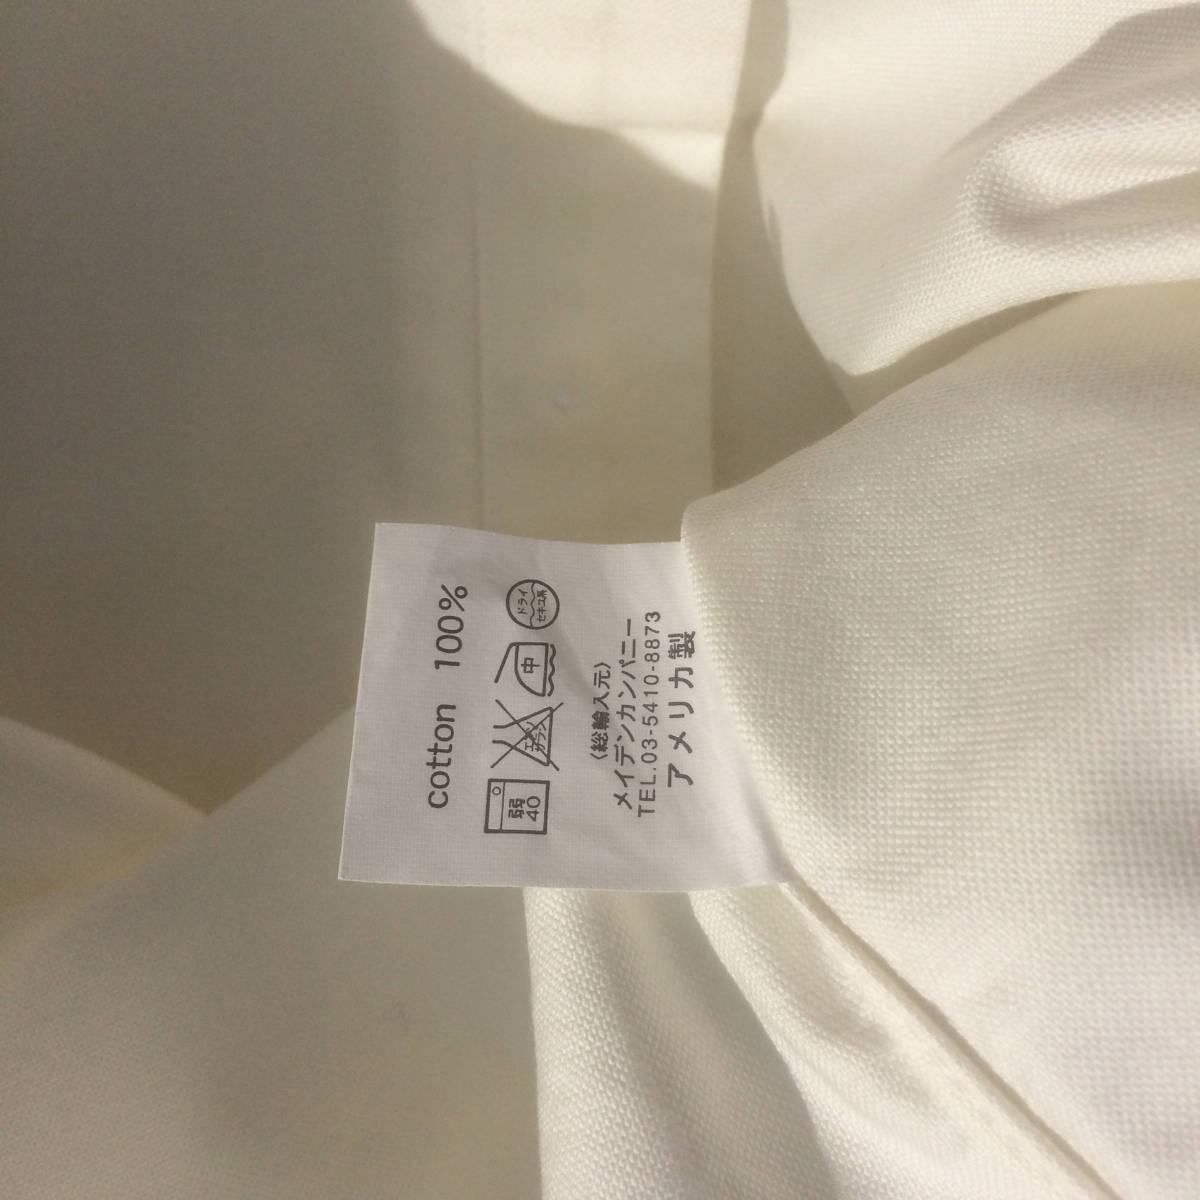 INDIVIDUALIZED SHIRTS インディビジュアライズドシャツ ダンリバー オックスフォード BD 白 ホワイト 長袖 シャツ xxs 13.5 usa製_画像7